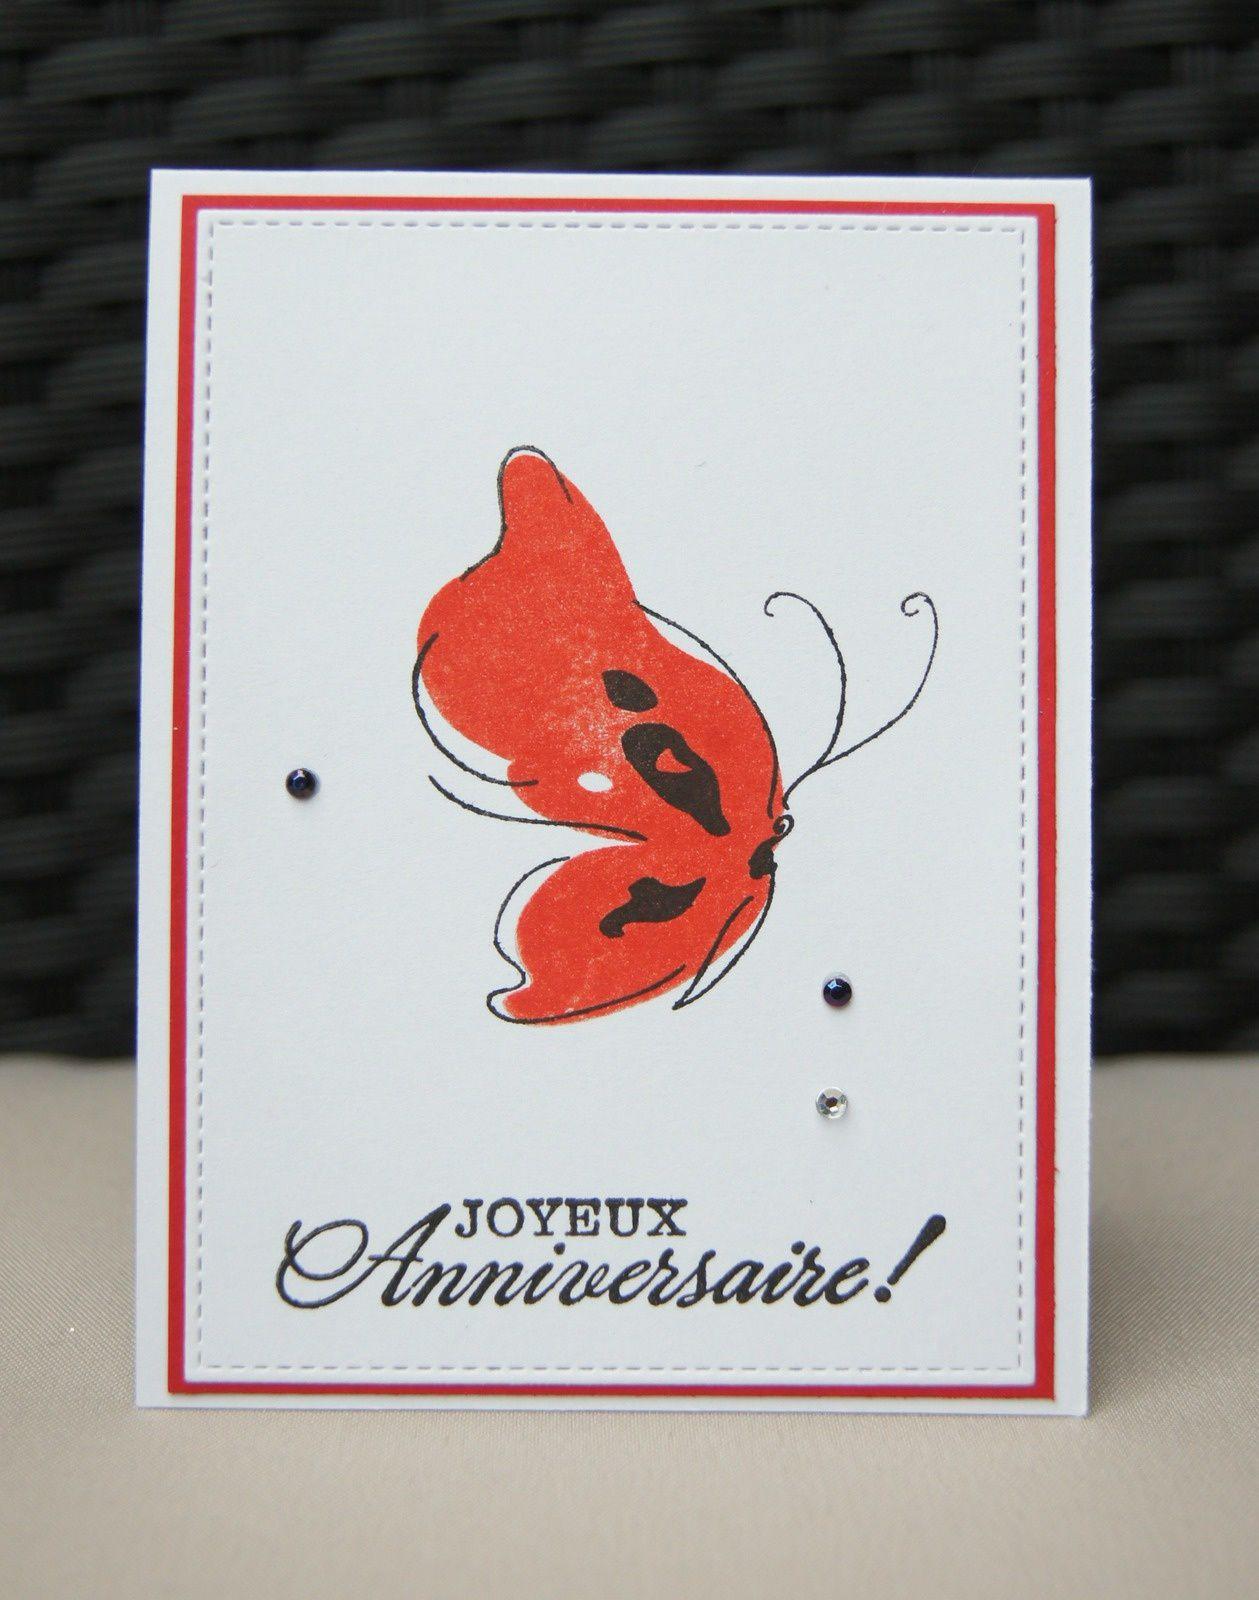 série de papillons : 3 cartes, 3 couleurs